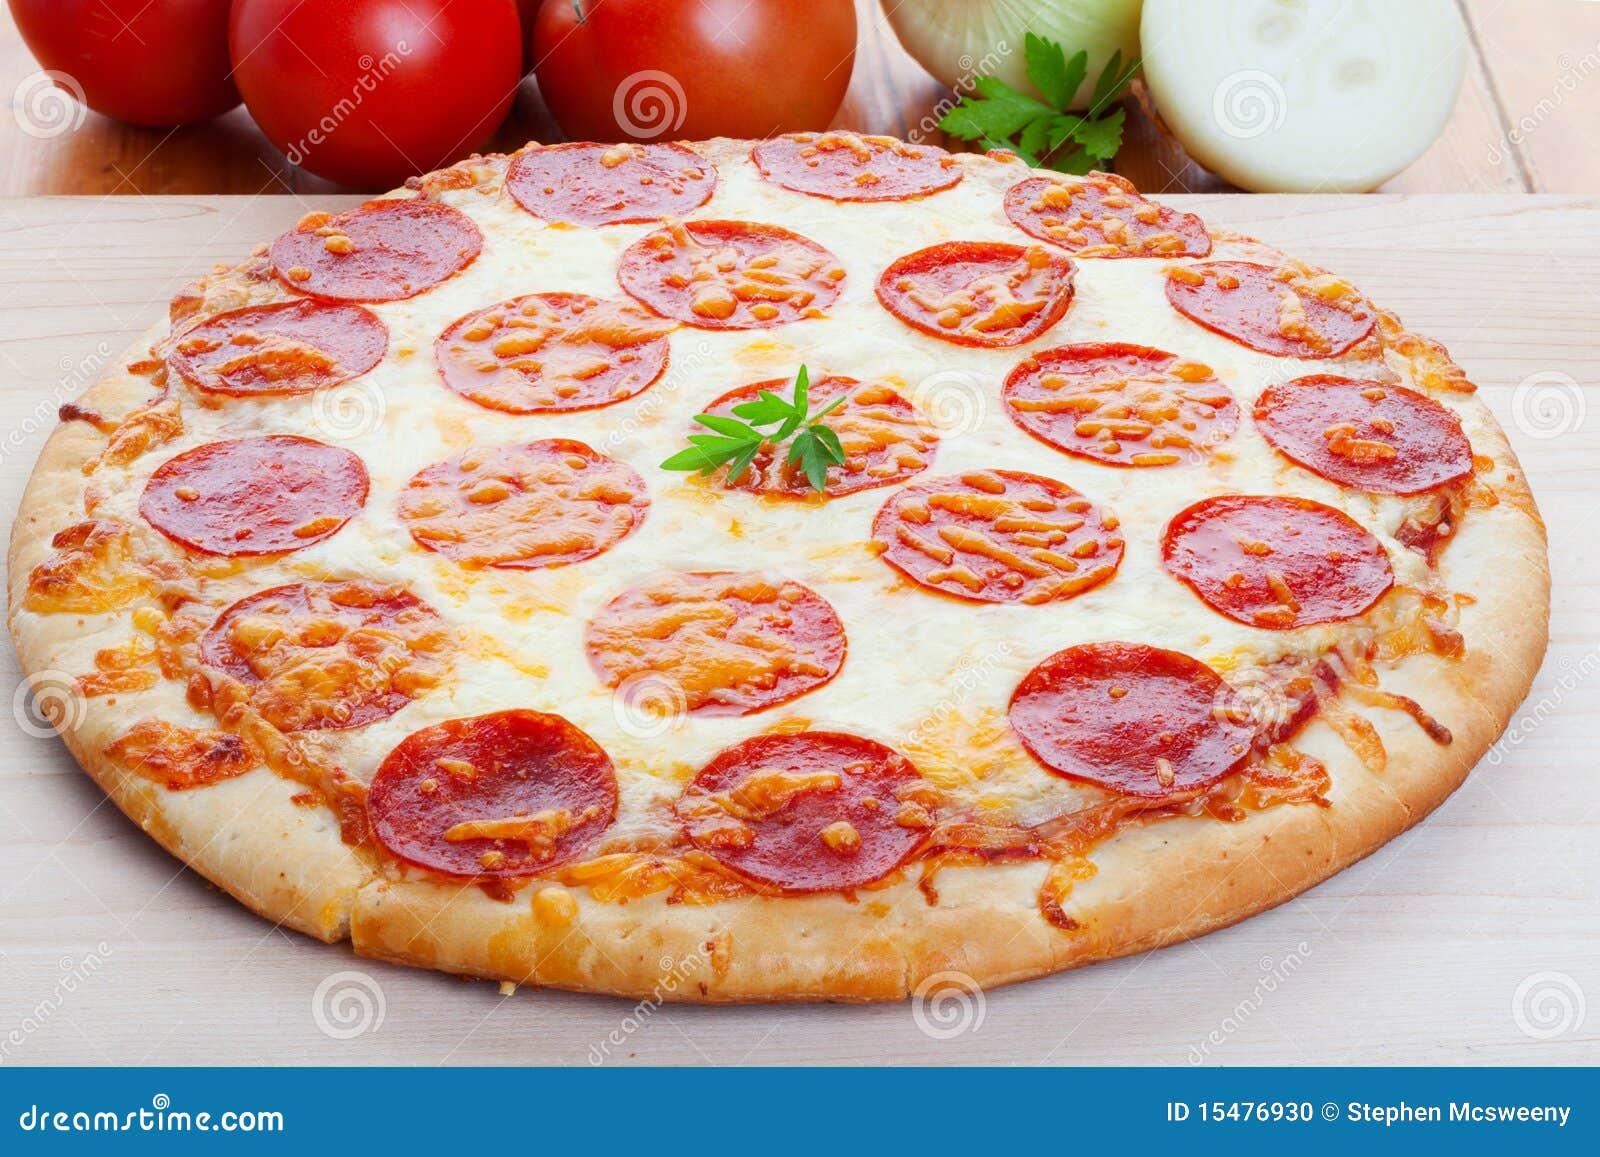 Pizza on wood